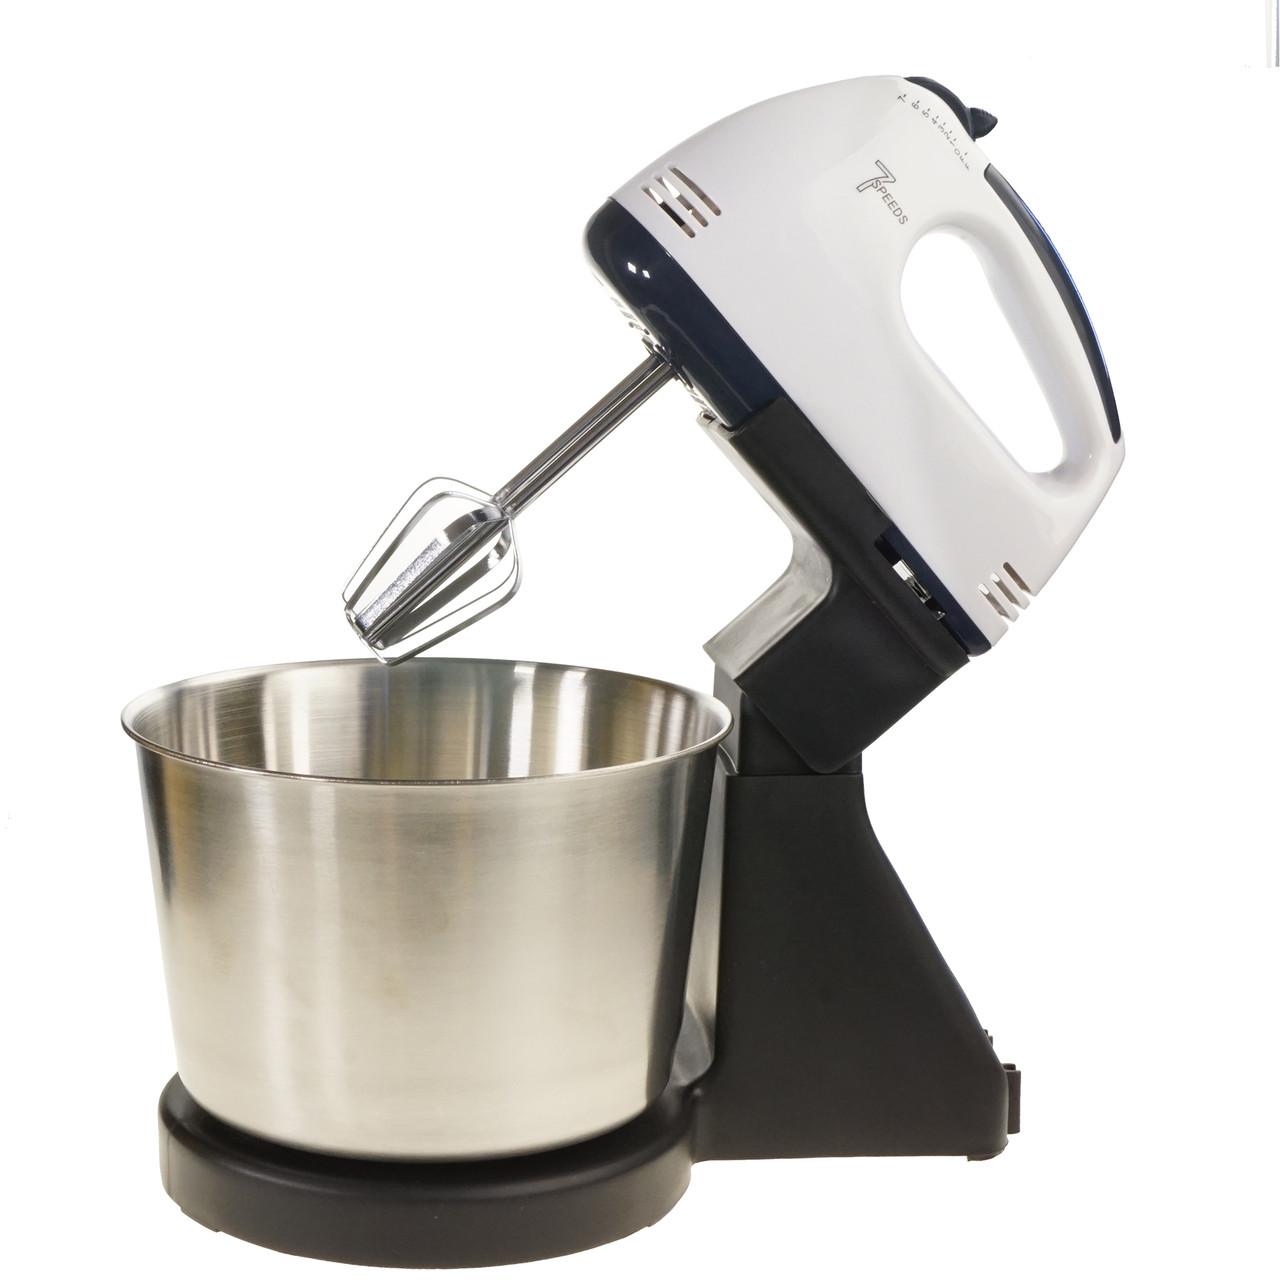 Кухонный миксер с чашей 2 л стационарный для дома